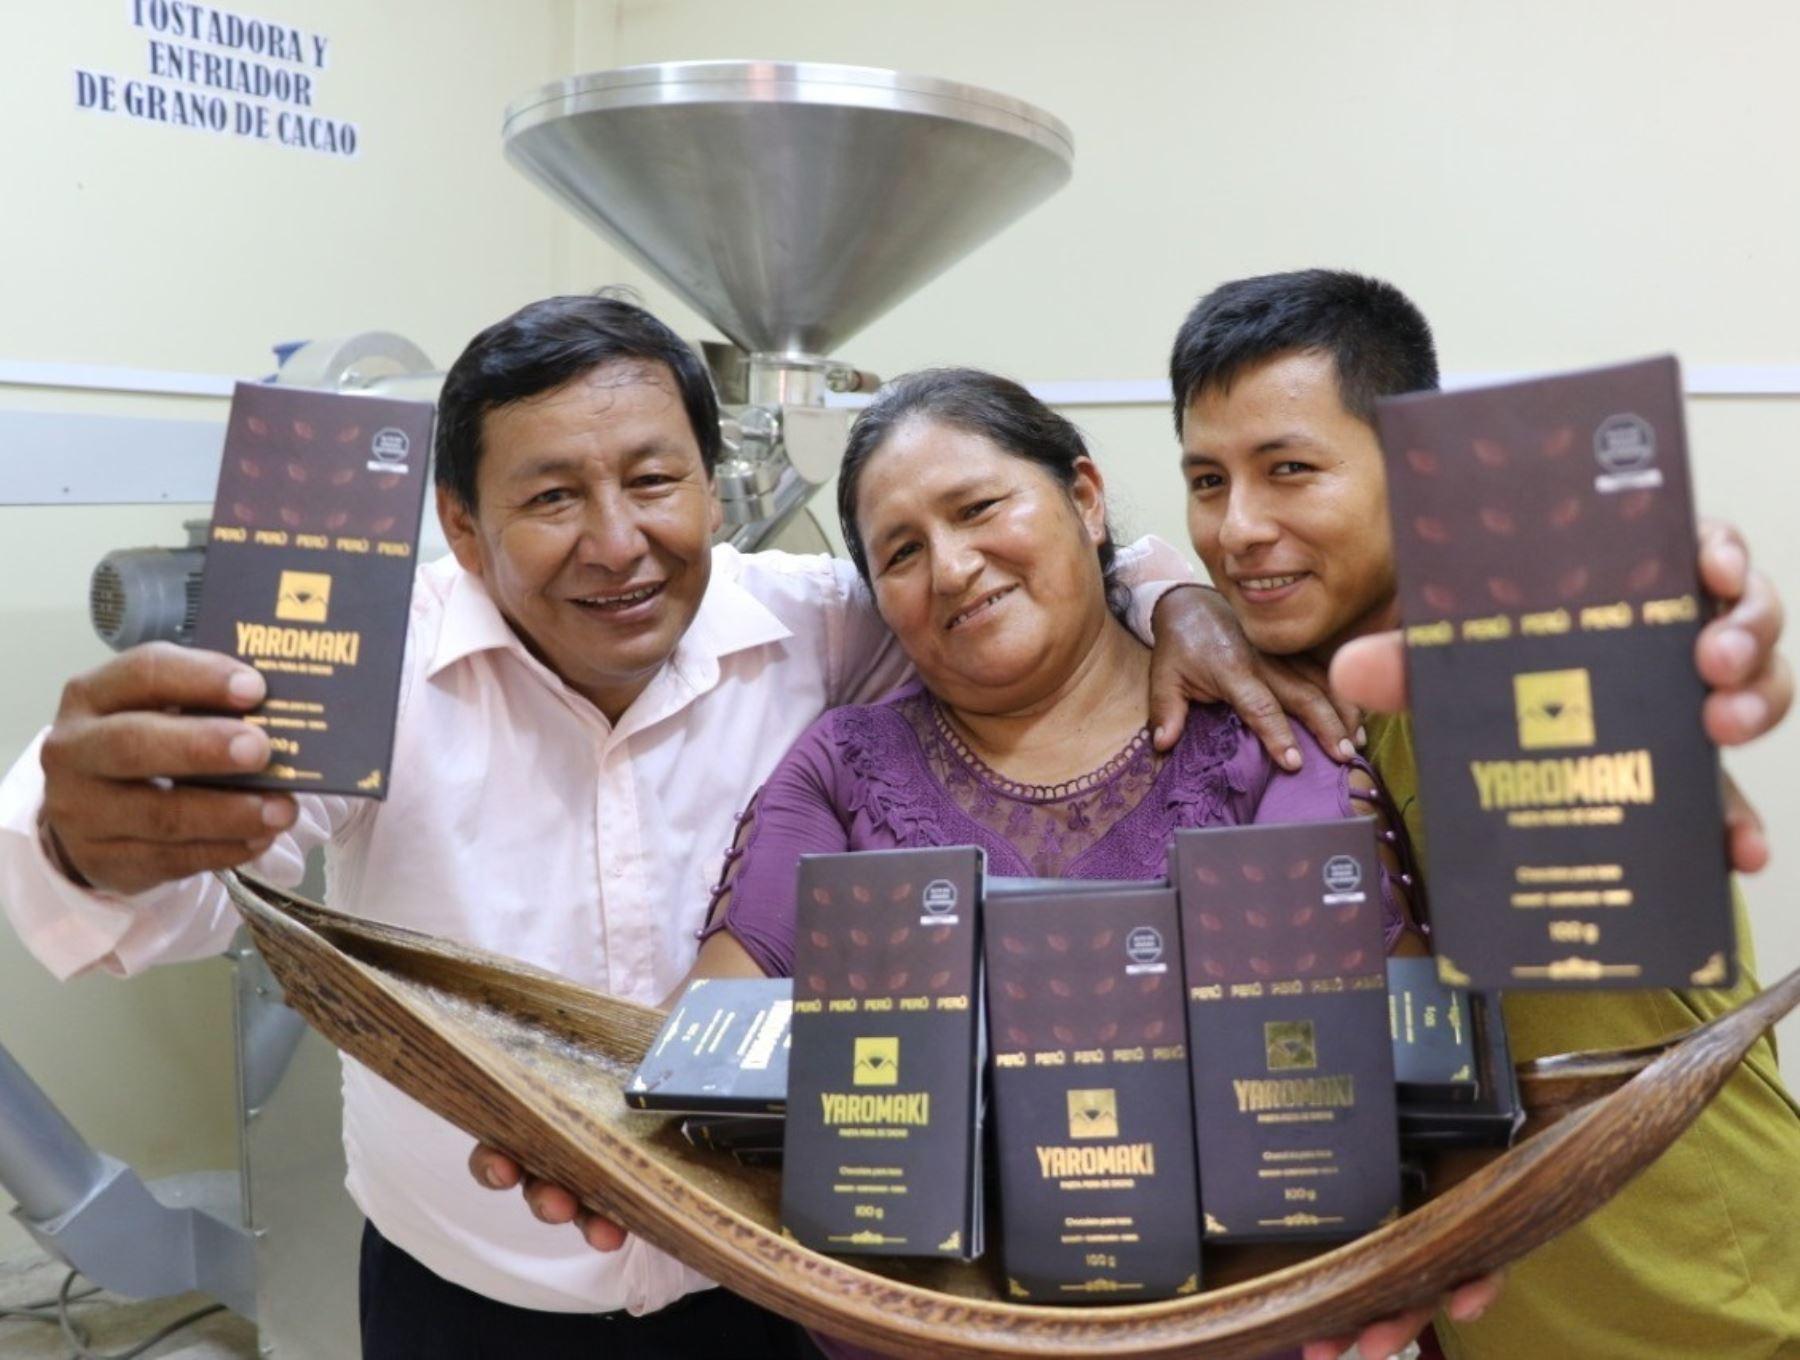 Agricultores de la selva de Puno, Cusco y Madre de Dios innovan con chocolate elaborado a base de pasta de cacao orgánico. ANDINA/Difusión